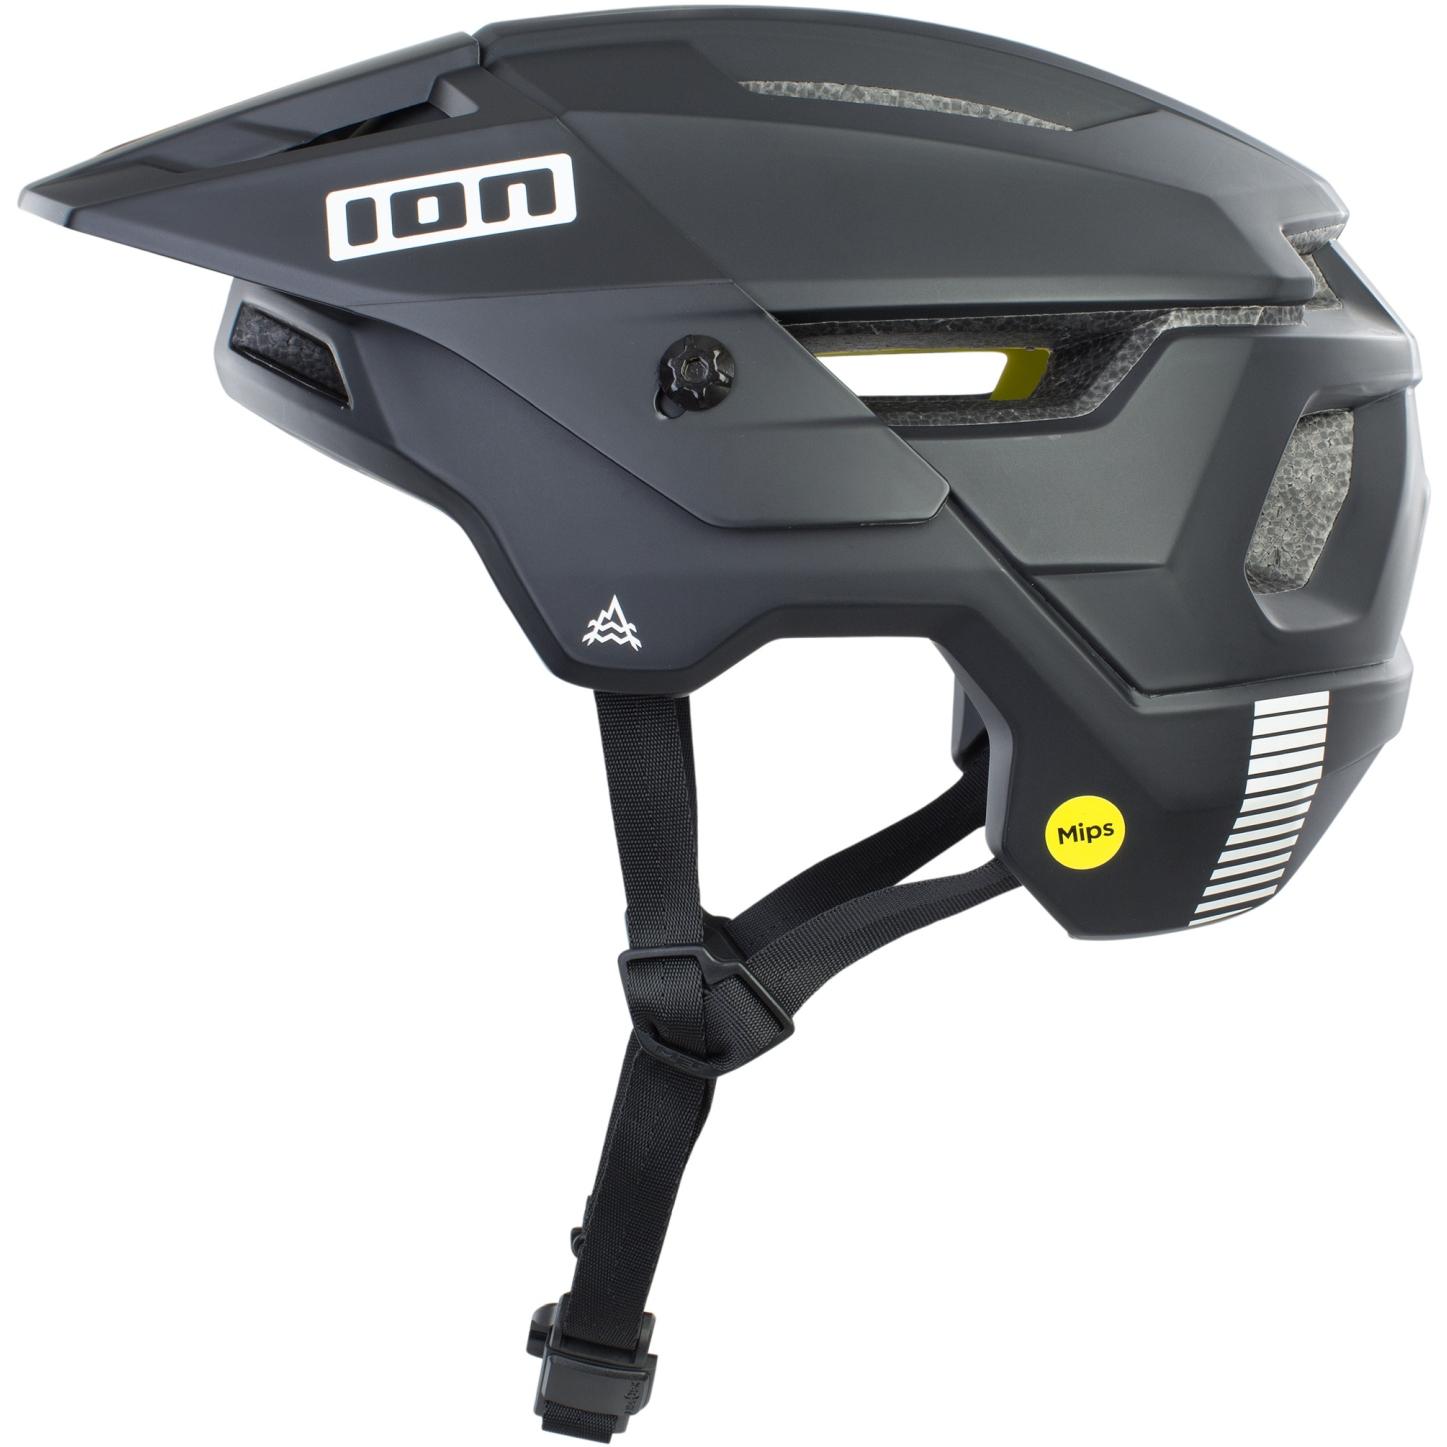 Produktbild von ION Bike Helm Traze AMP MIPS EU/CE - Schwarz